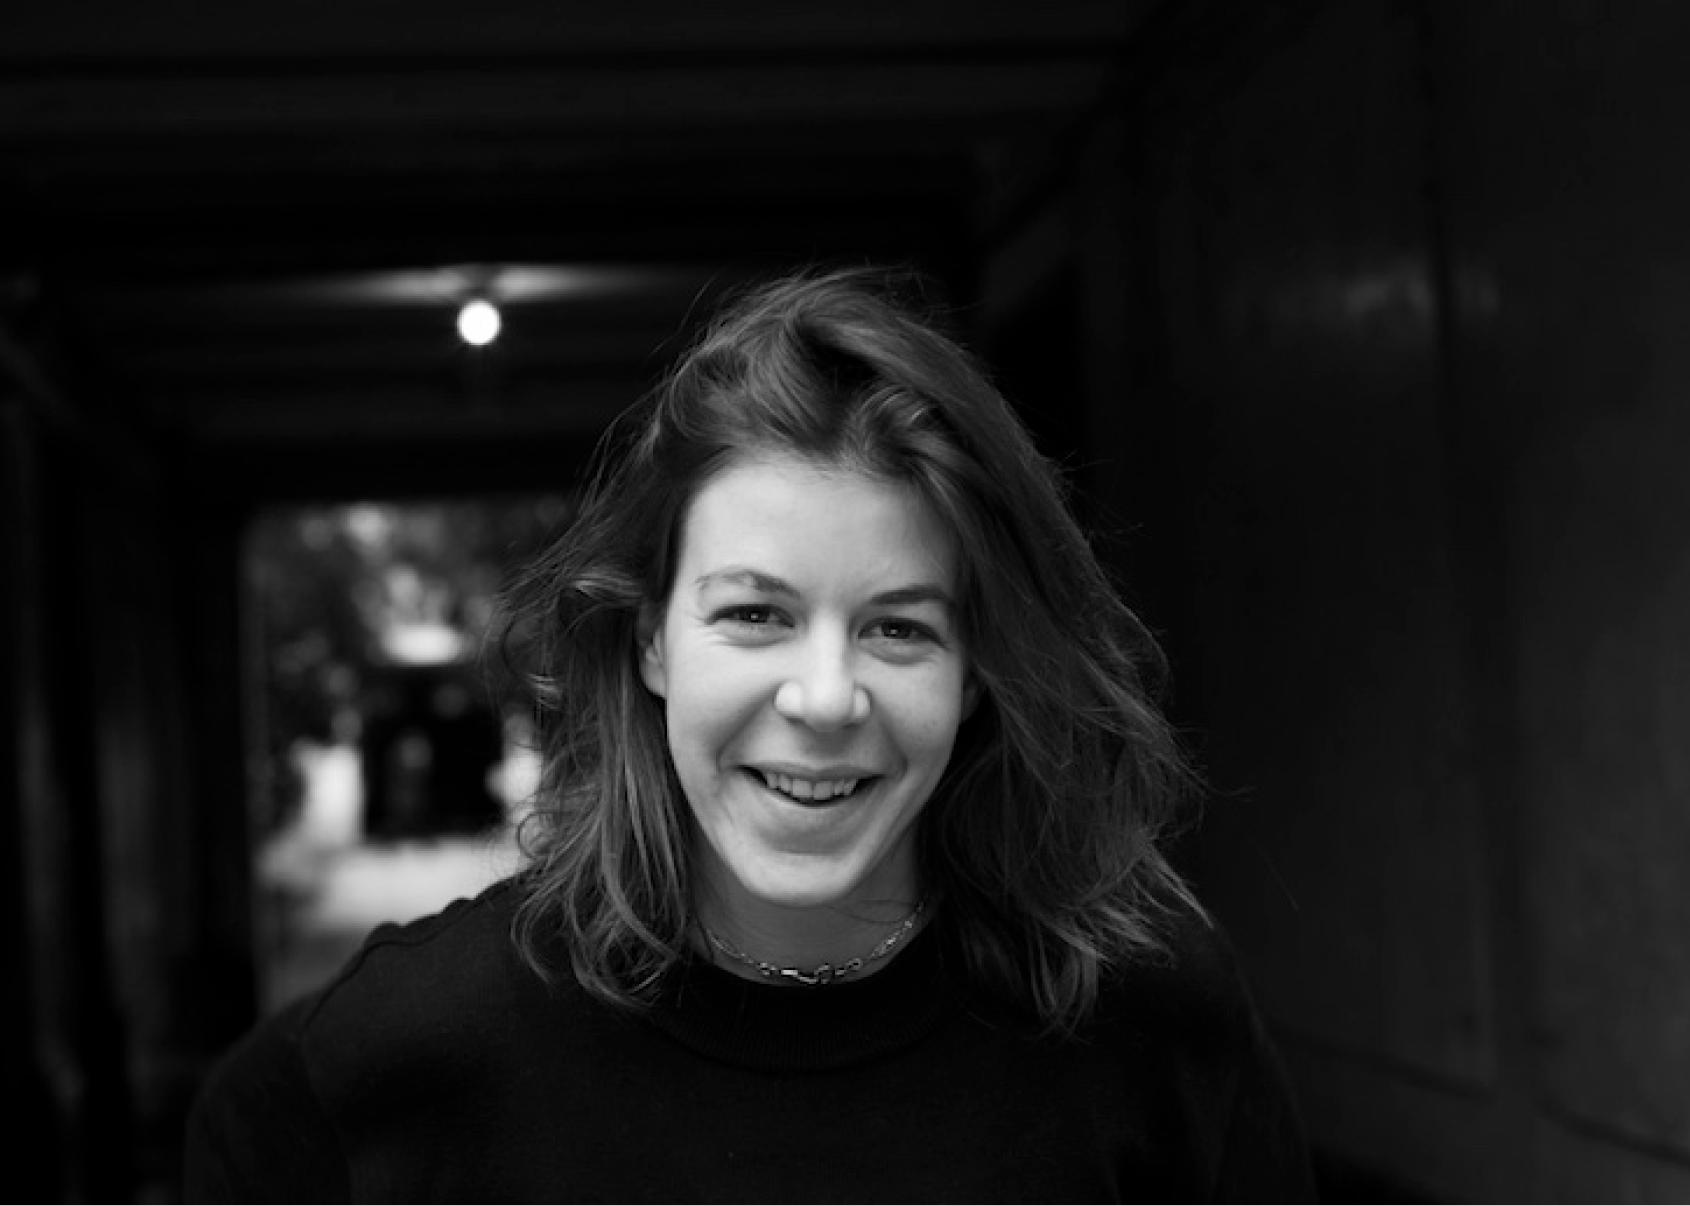 Portrait en noir et blanc de Chloe Giraud artiste accueillie en résidence de création au Moulin du Roc, Scène nationale à Niort